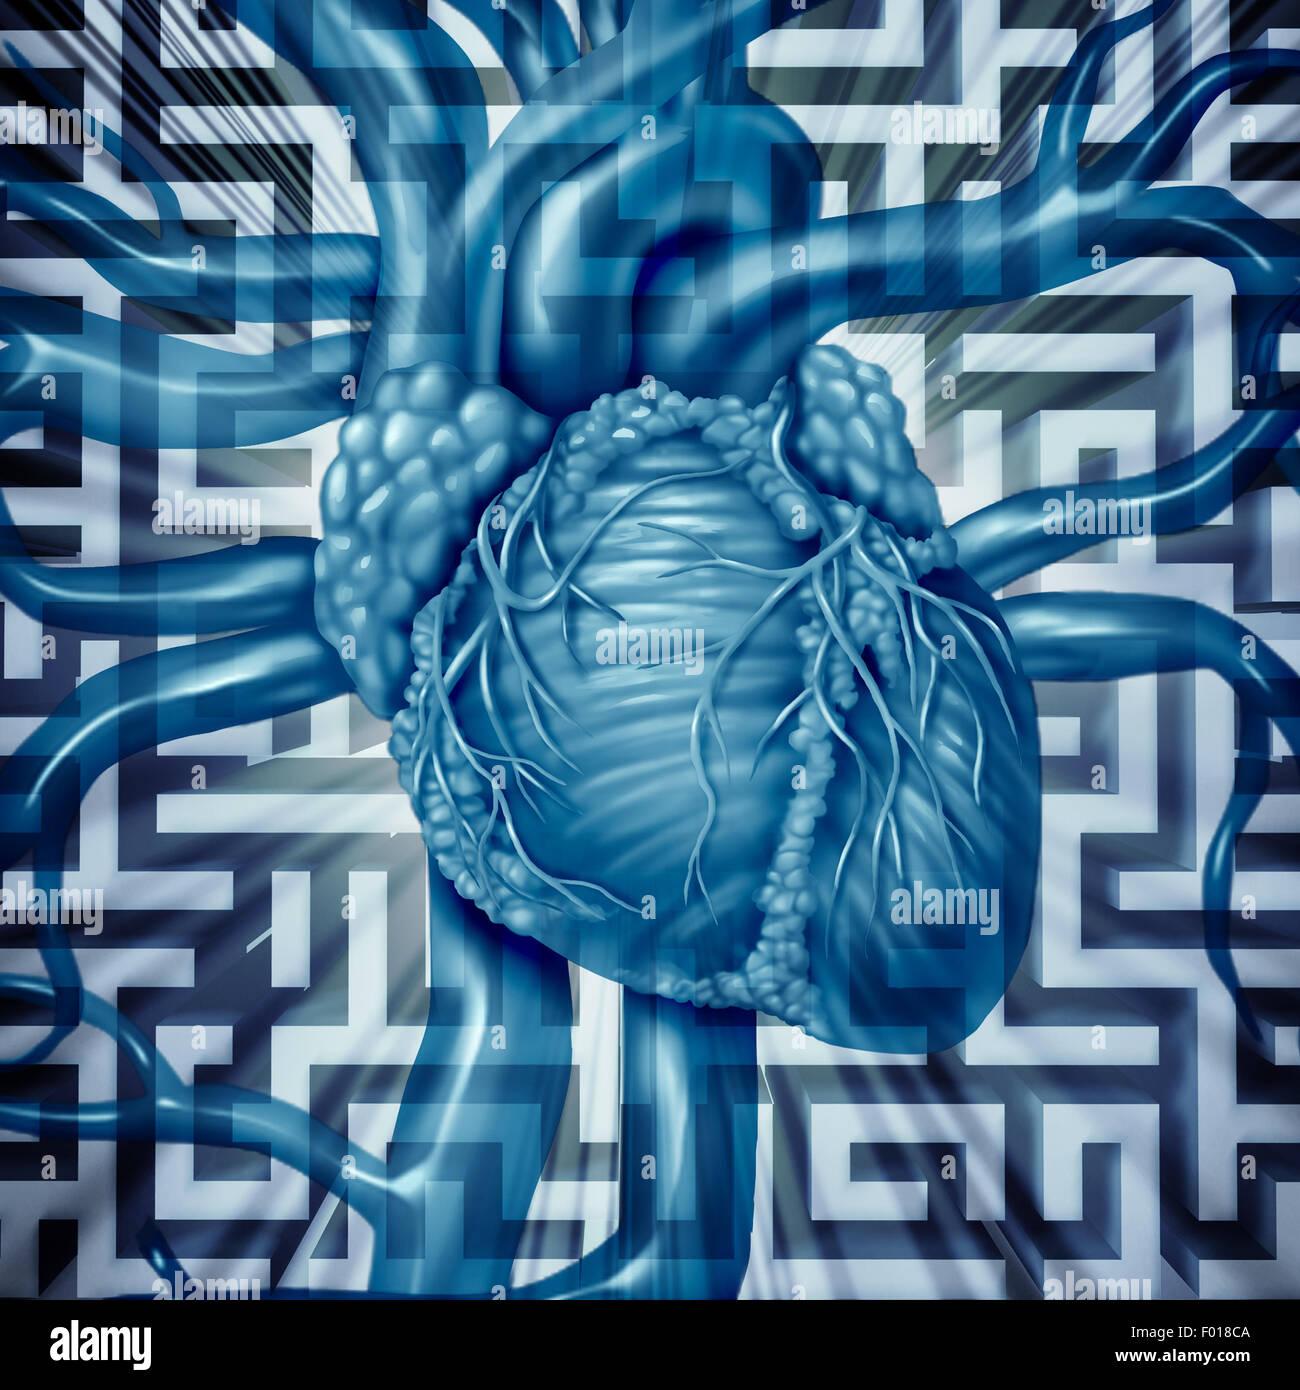 Herz Herausforderung menschlichen Herz-Kreislauf-Probleme Konzept auf einem Irrgarten oder Labyrinth als kardiale Stockbild